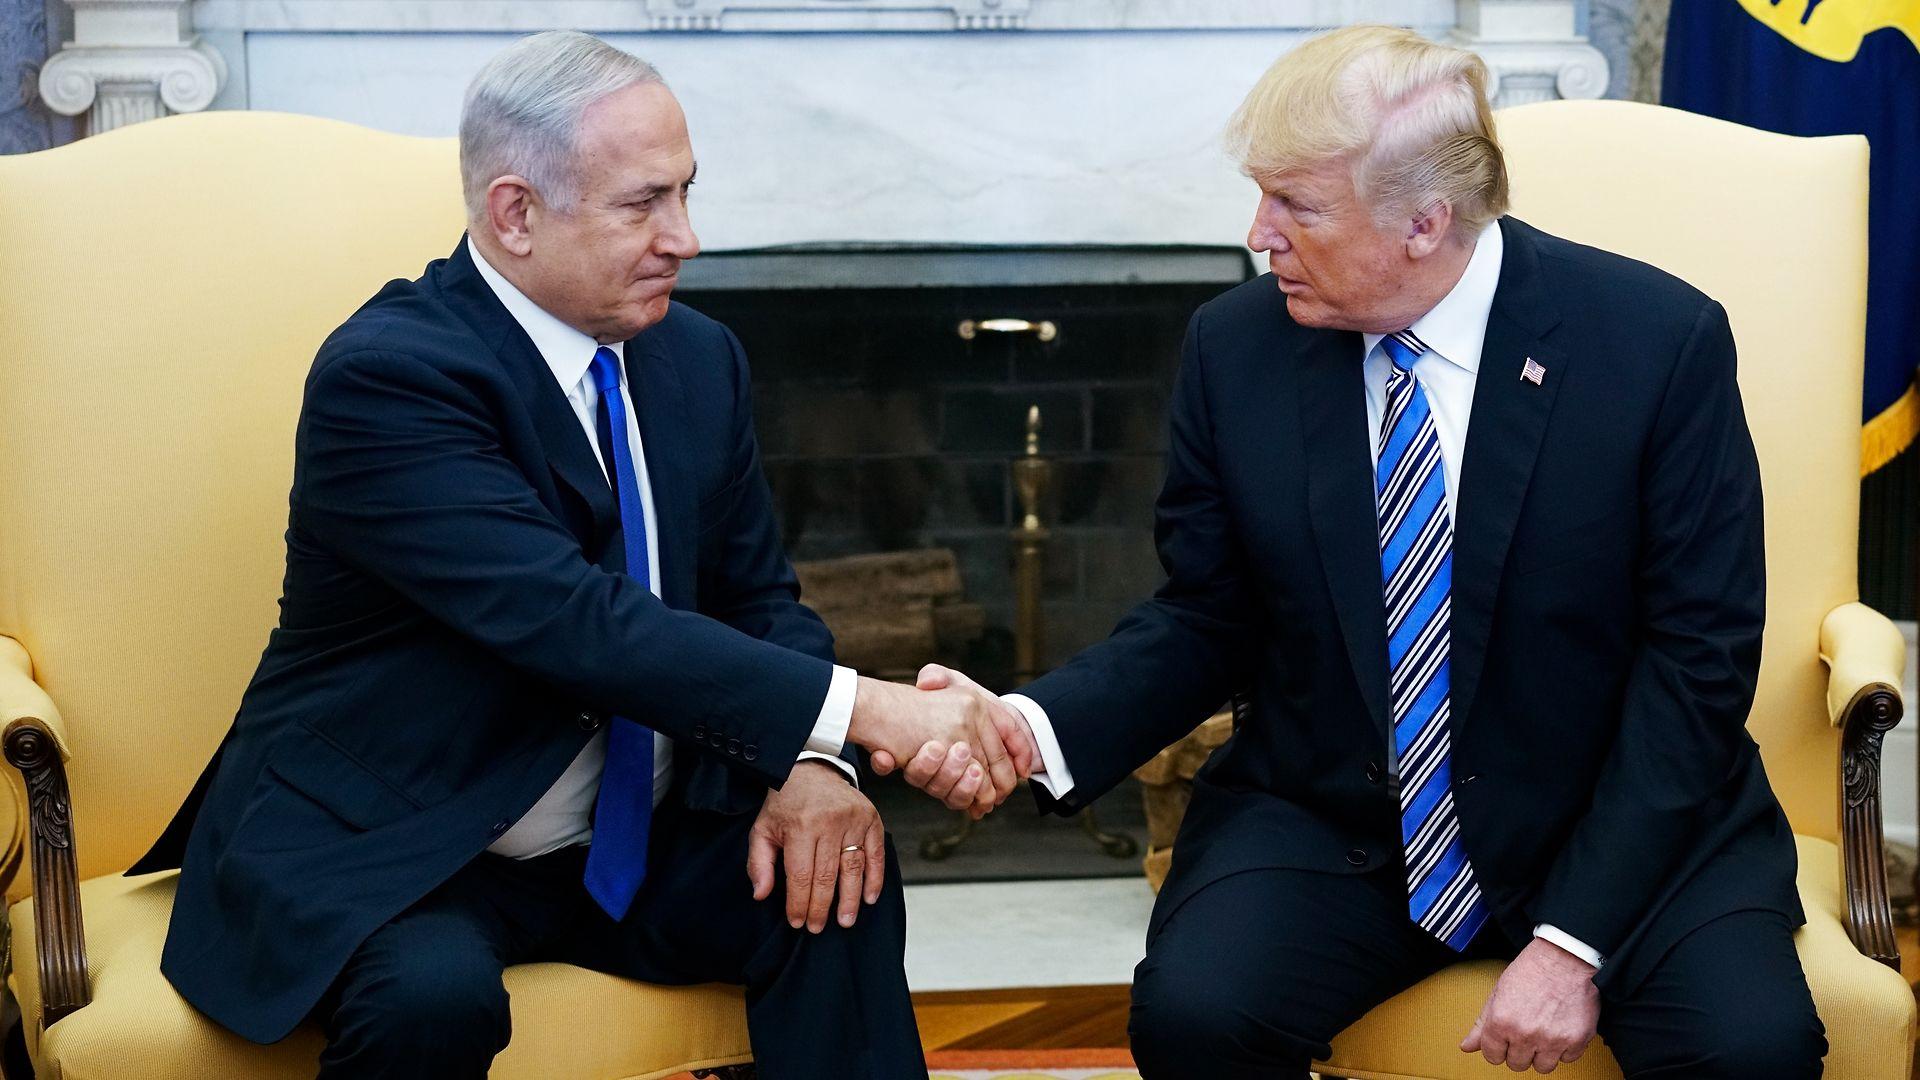 Erik Jessen: Mens Trump åbner op over for Iran, intensiverer Israel spændingerne i Mellemøsten